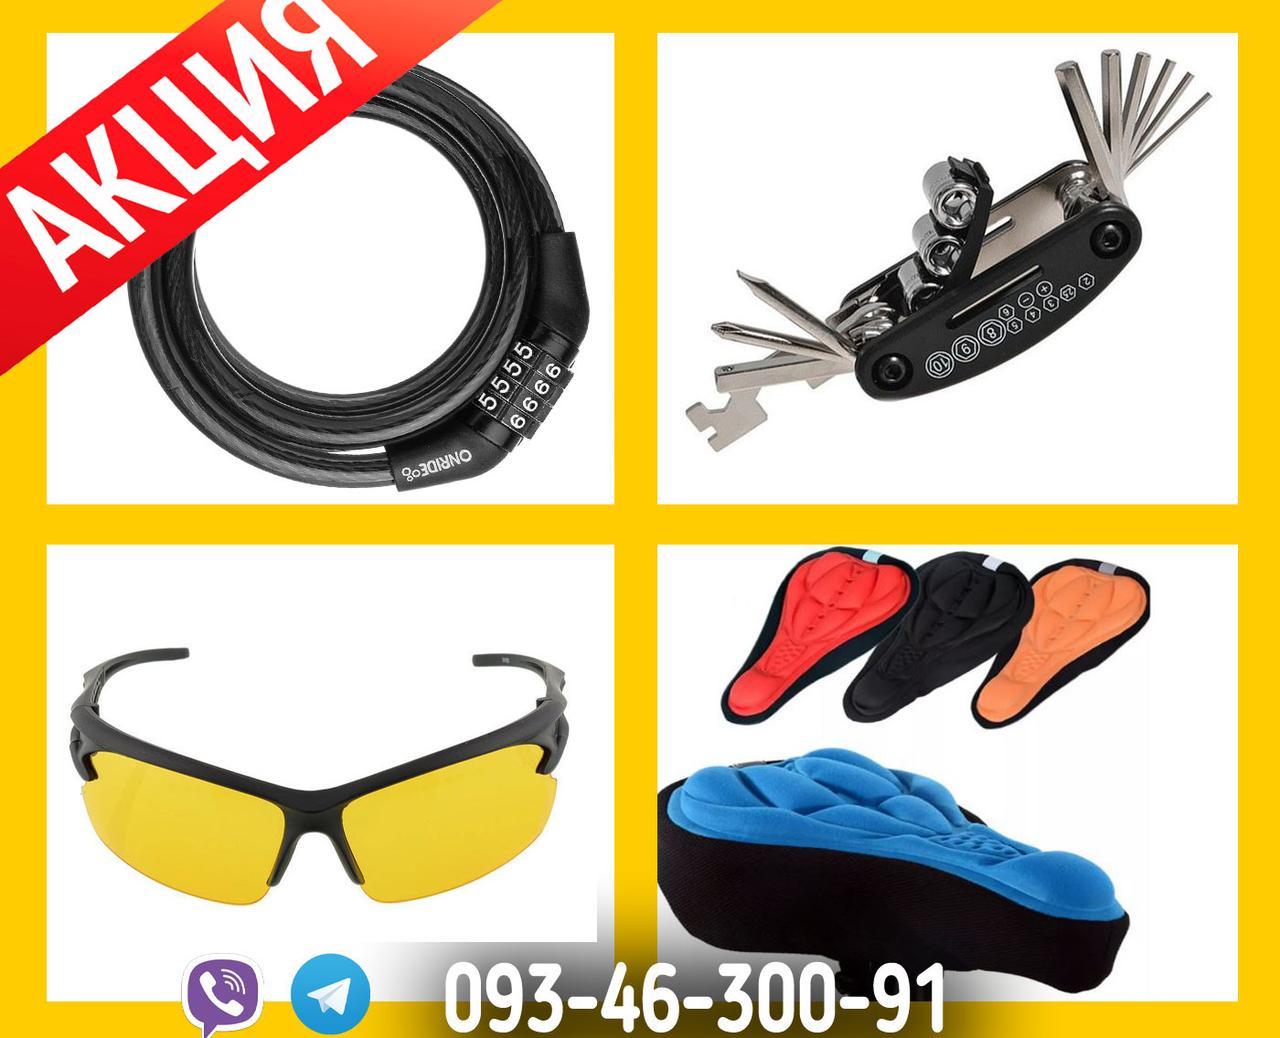 Комплект 4 в 1 для велосипеда. Вело окуляри, мультитул, вело чохол, замок.